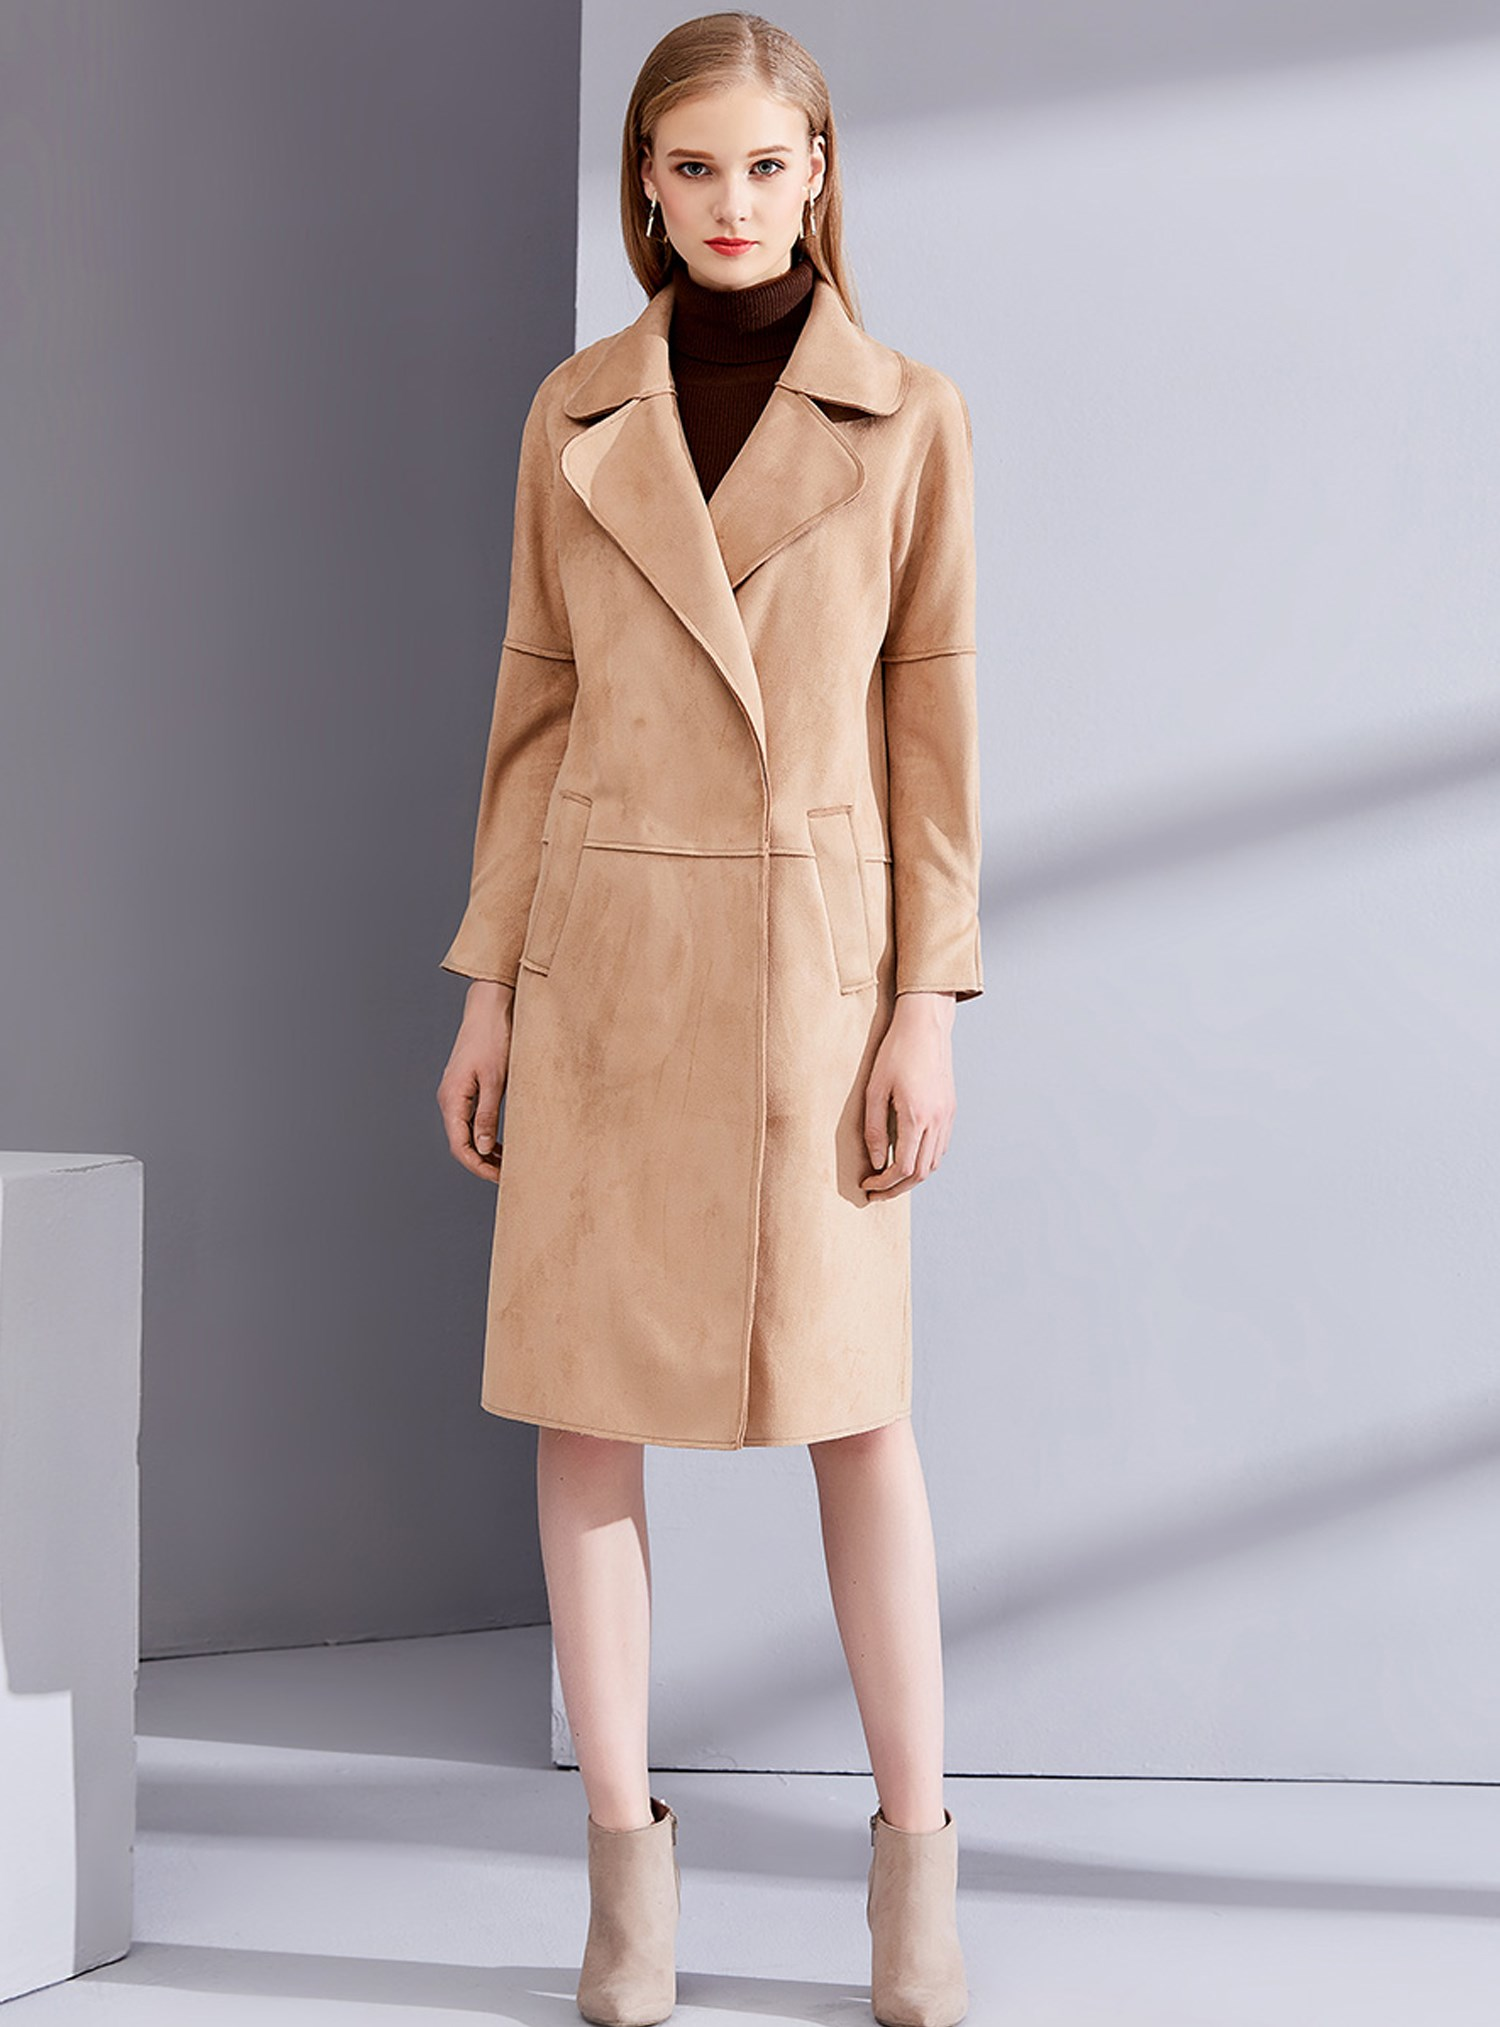 印象草原气质女装大衣尾货批发市场